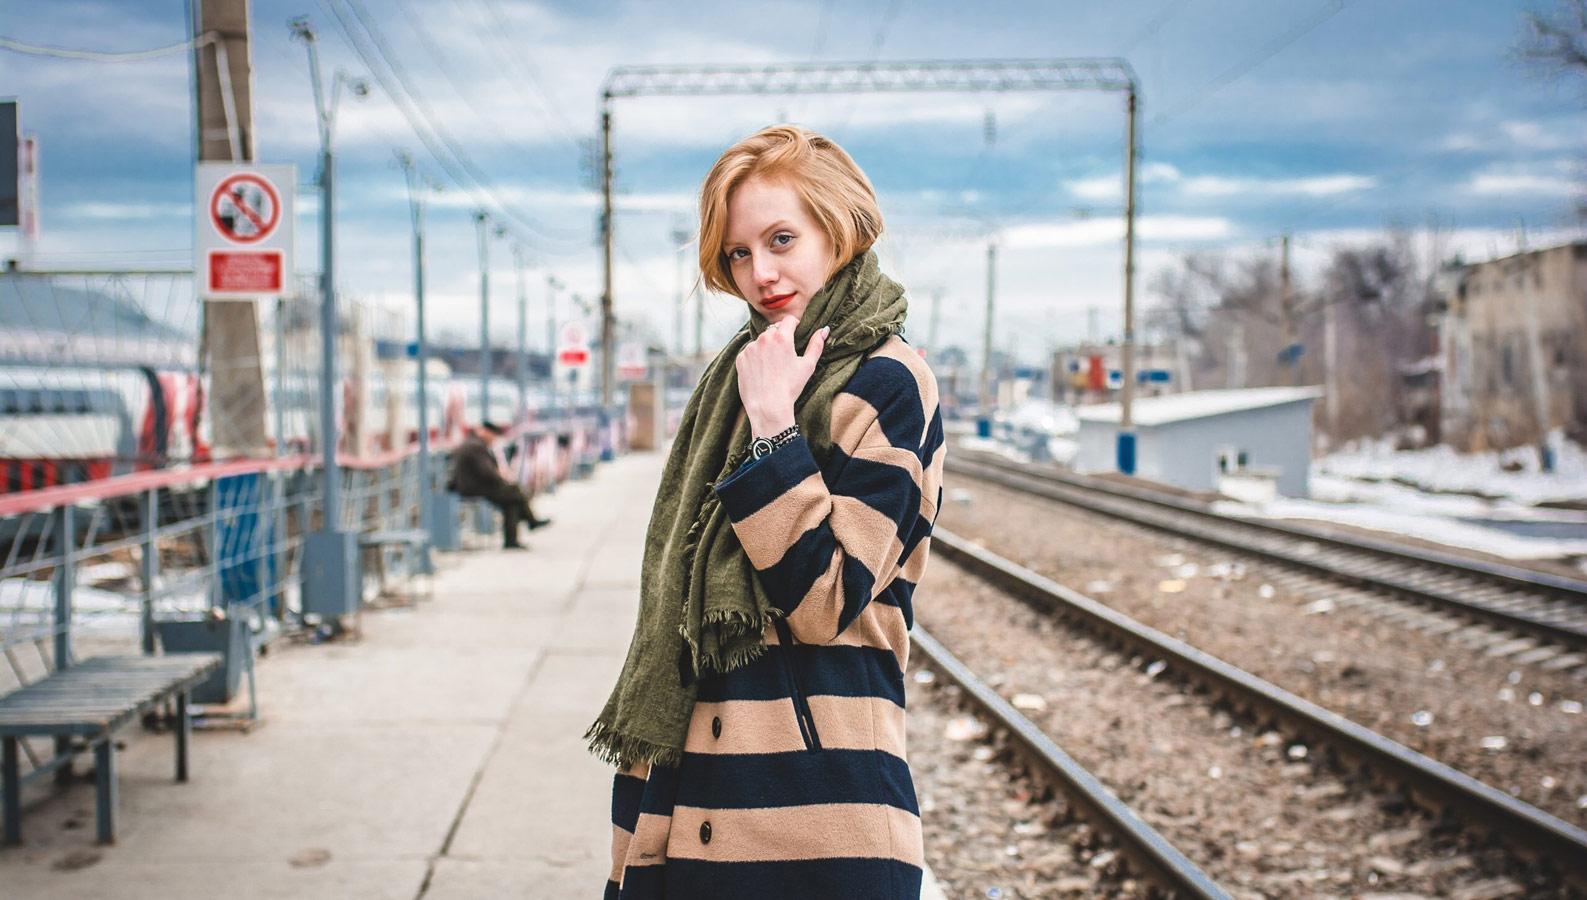 София, © Денис Яковлев, Фотоконкурс «Осенний портрет»